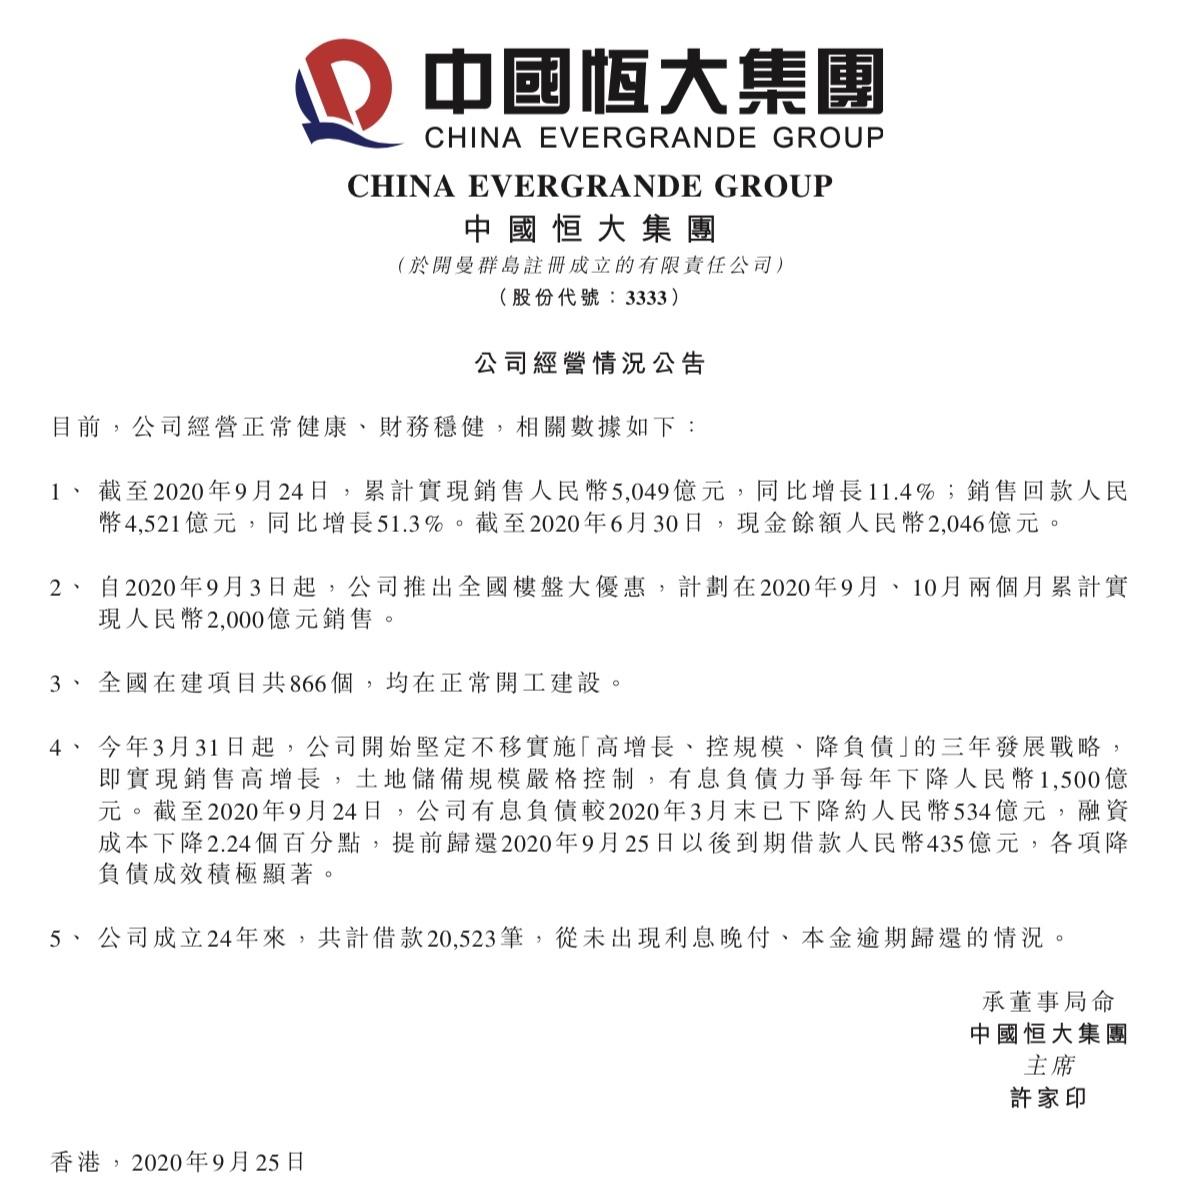 中国恒大销售5049亿力证财务稳健 不实消息或为遭遇做空